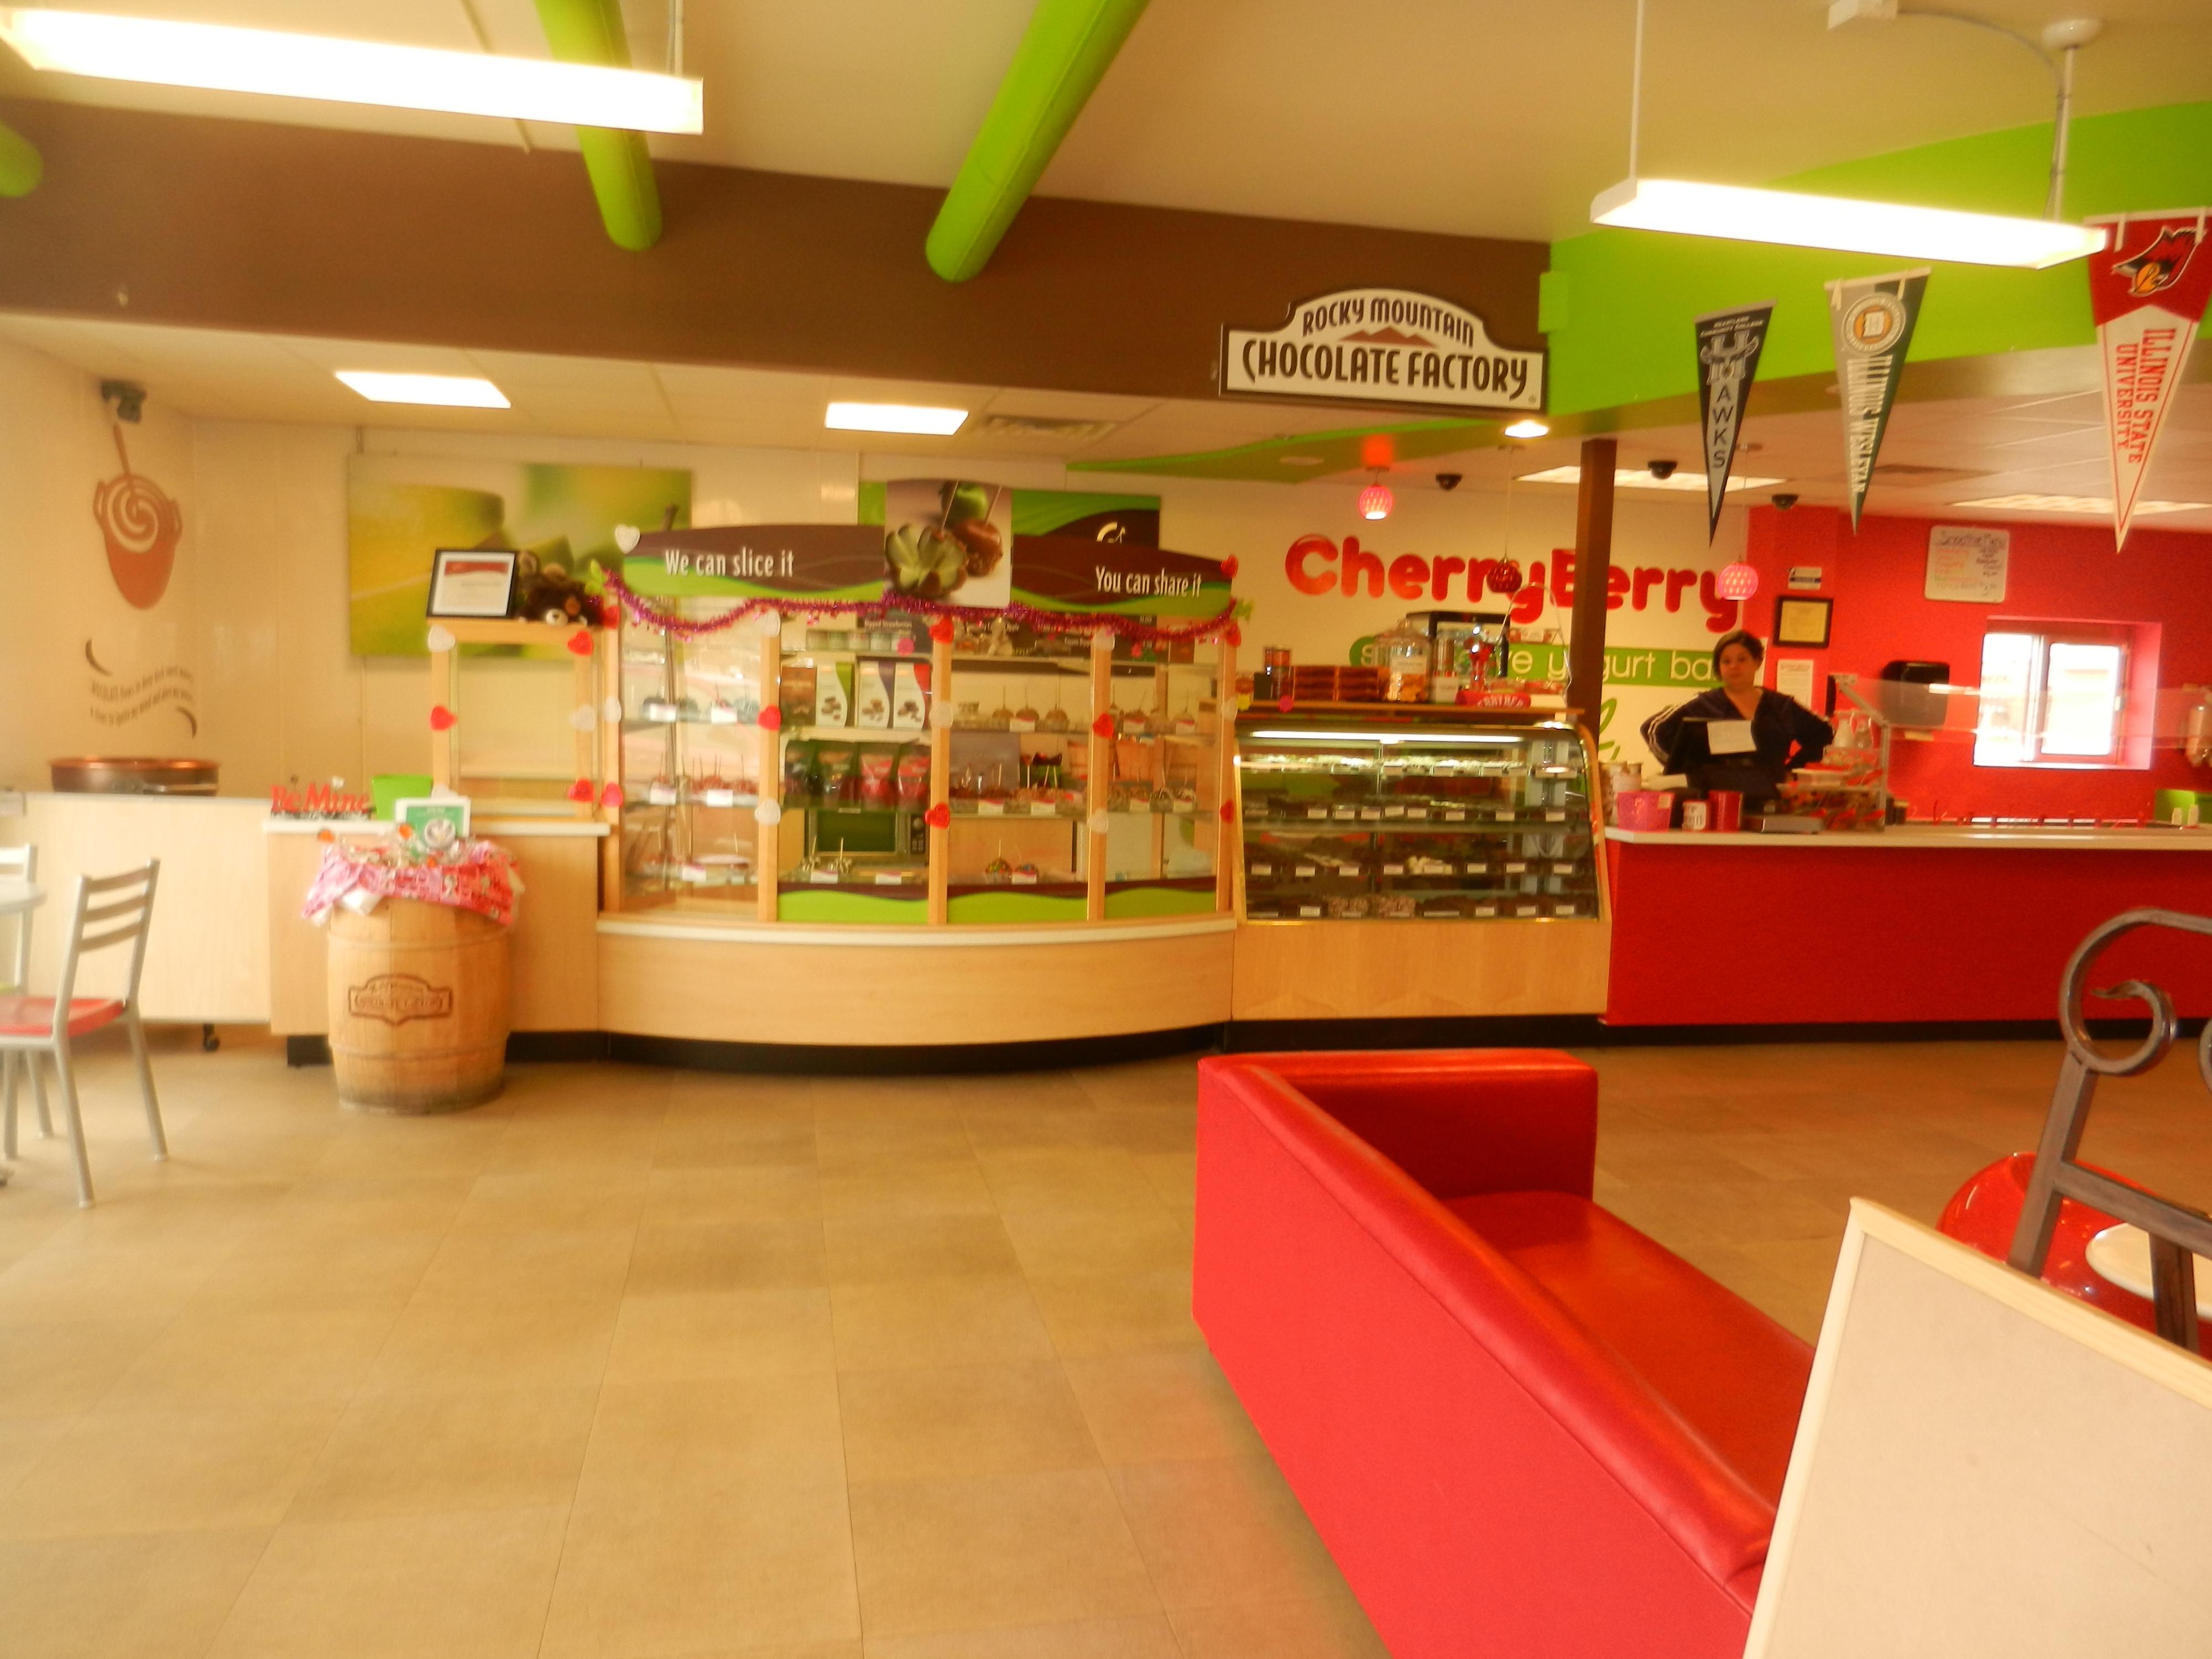 Cherry Berry interior finish